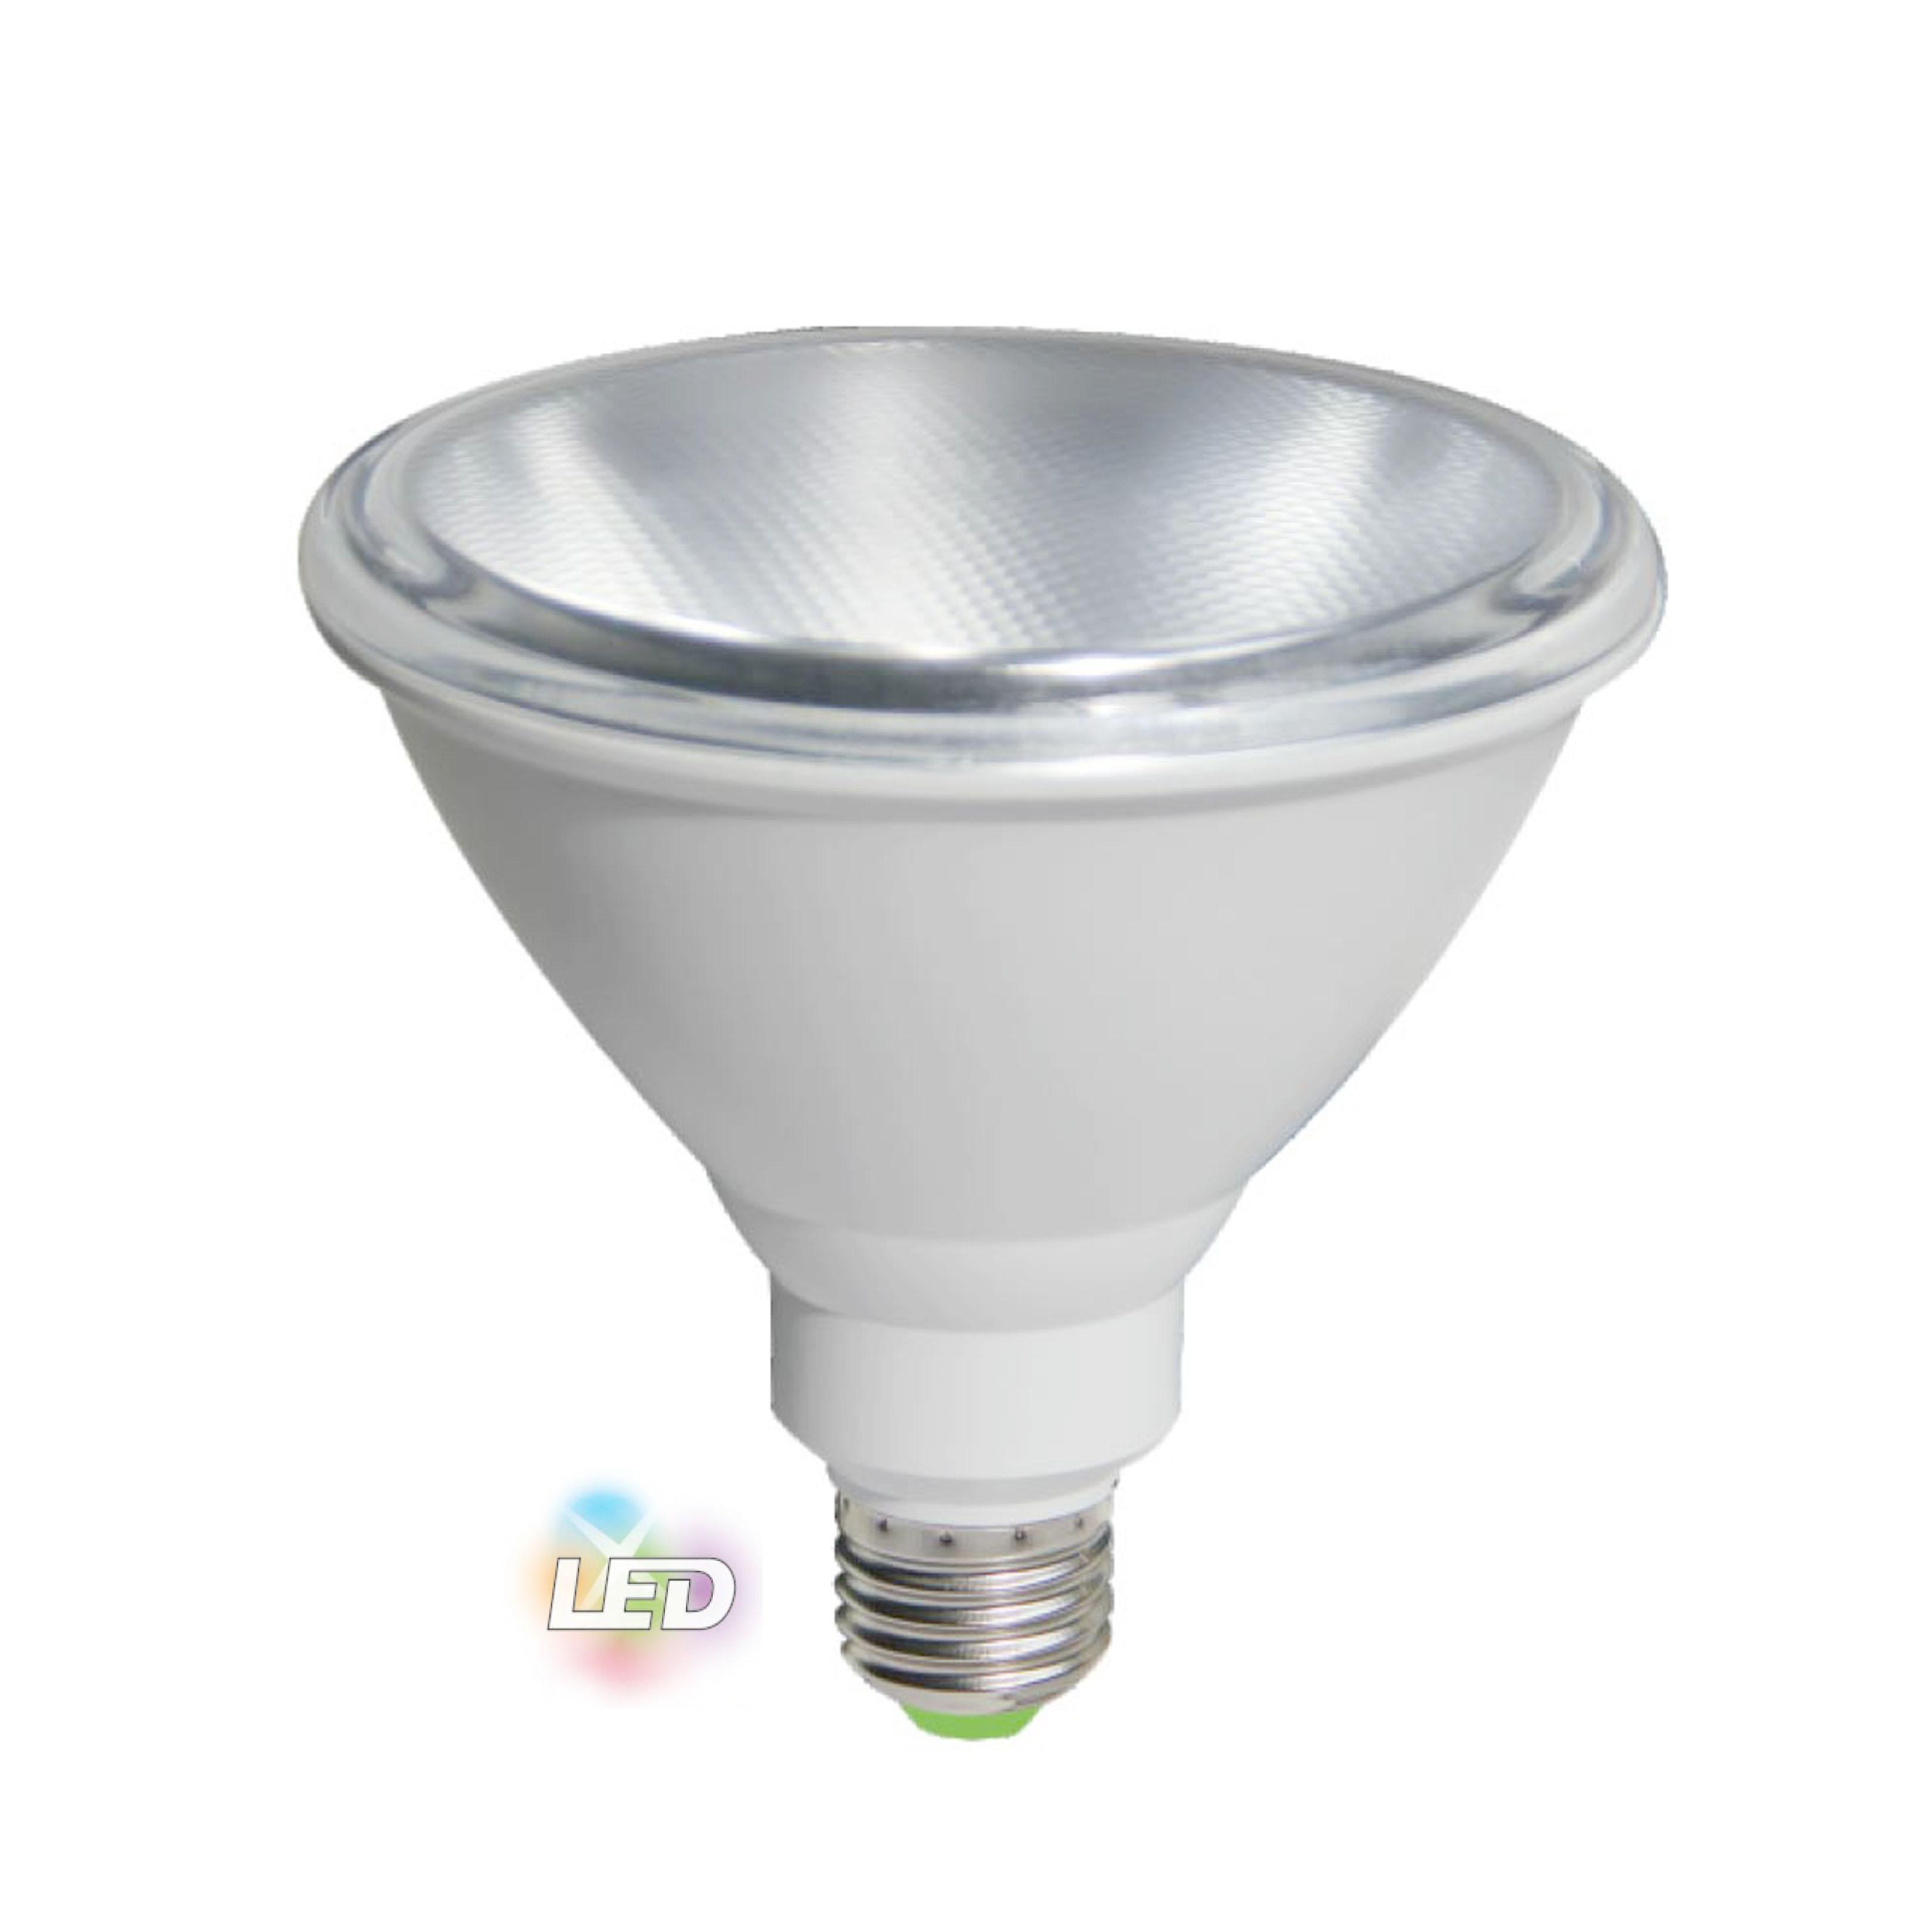 Lampada Per Faretto A Led.Par38 T1 15w Offerte Lampadine Led Silamp Lampadina